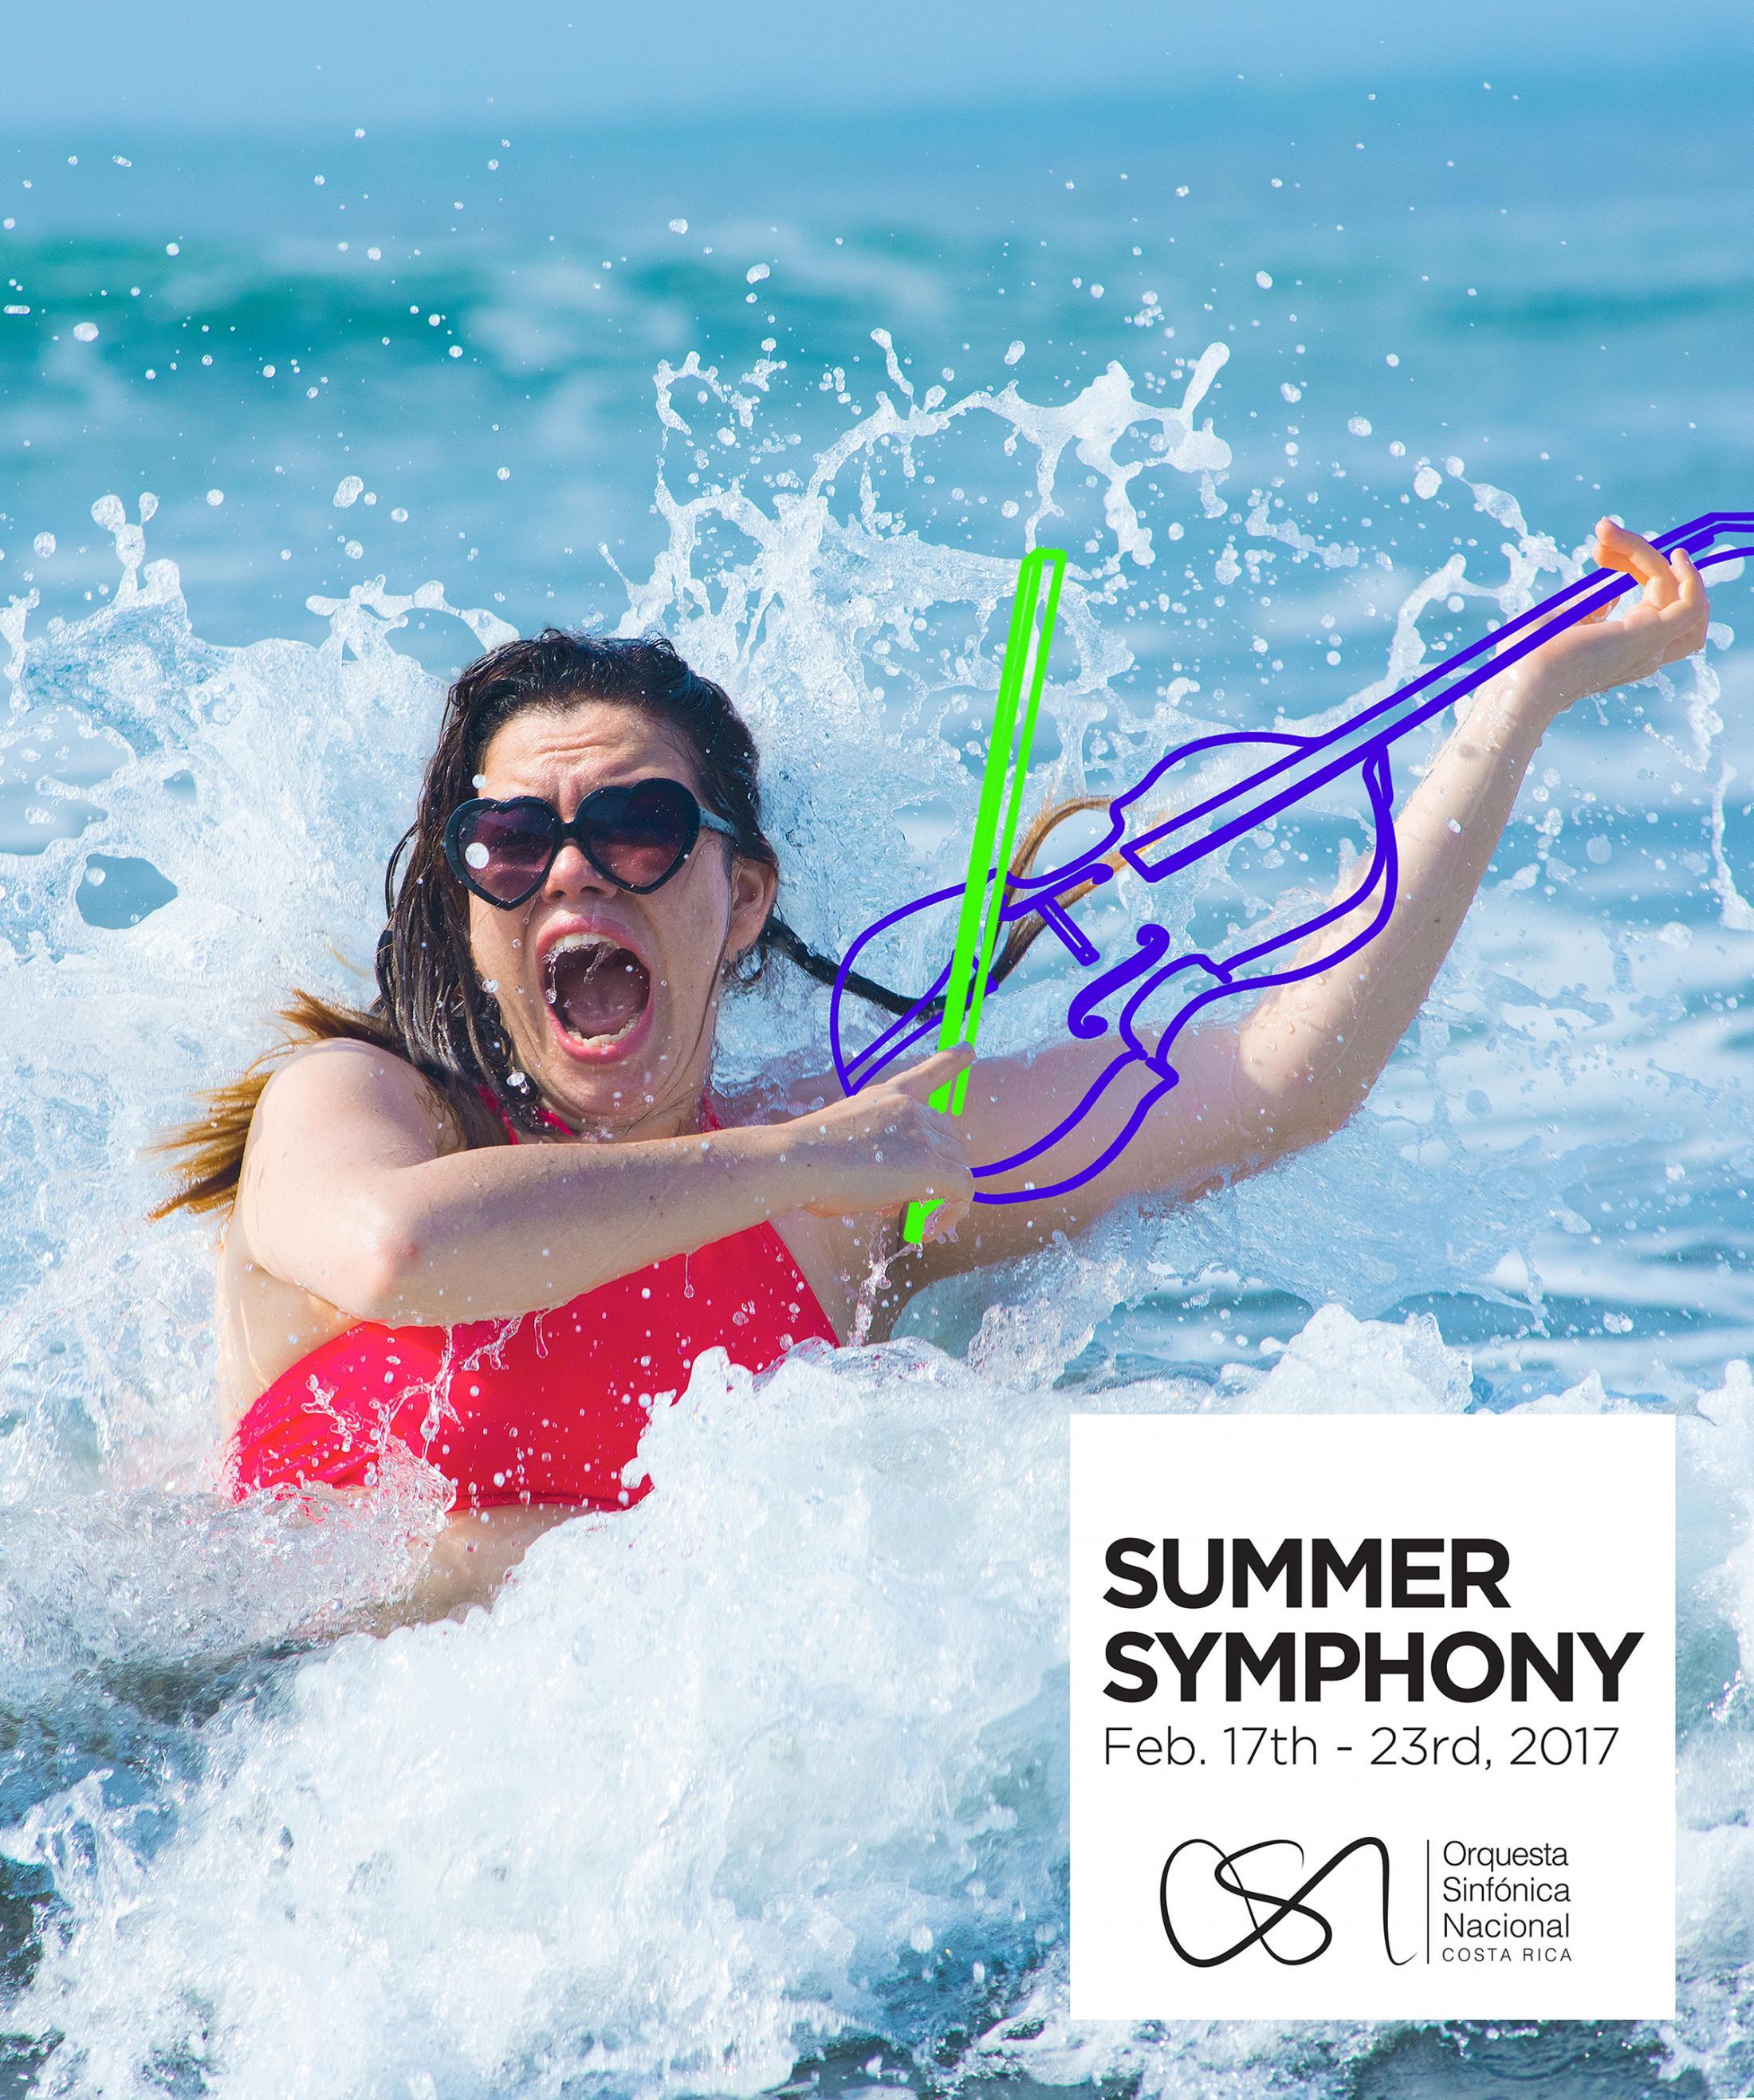 Orquesta Sinfónica Nacional Outdoor Ad - Summer Symphony - Violin